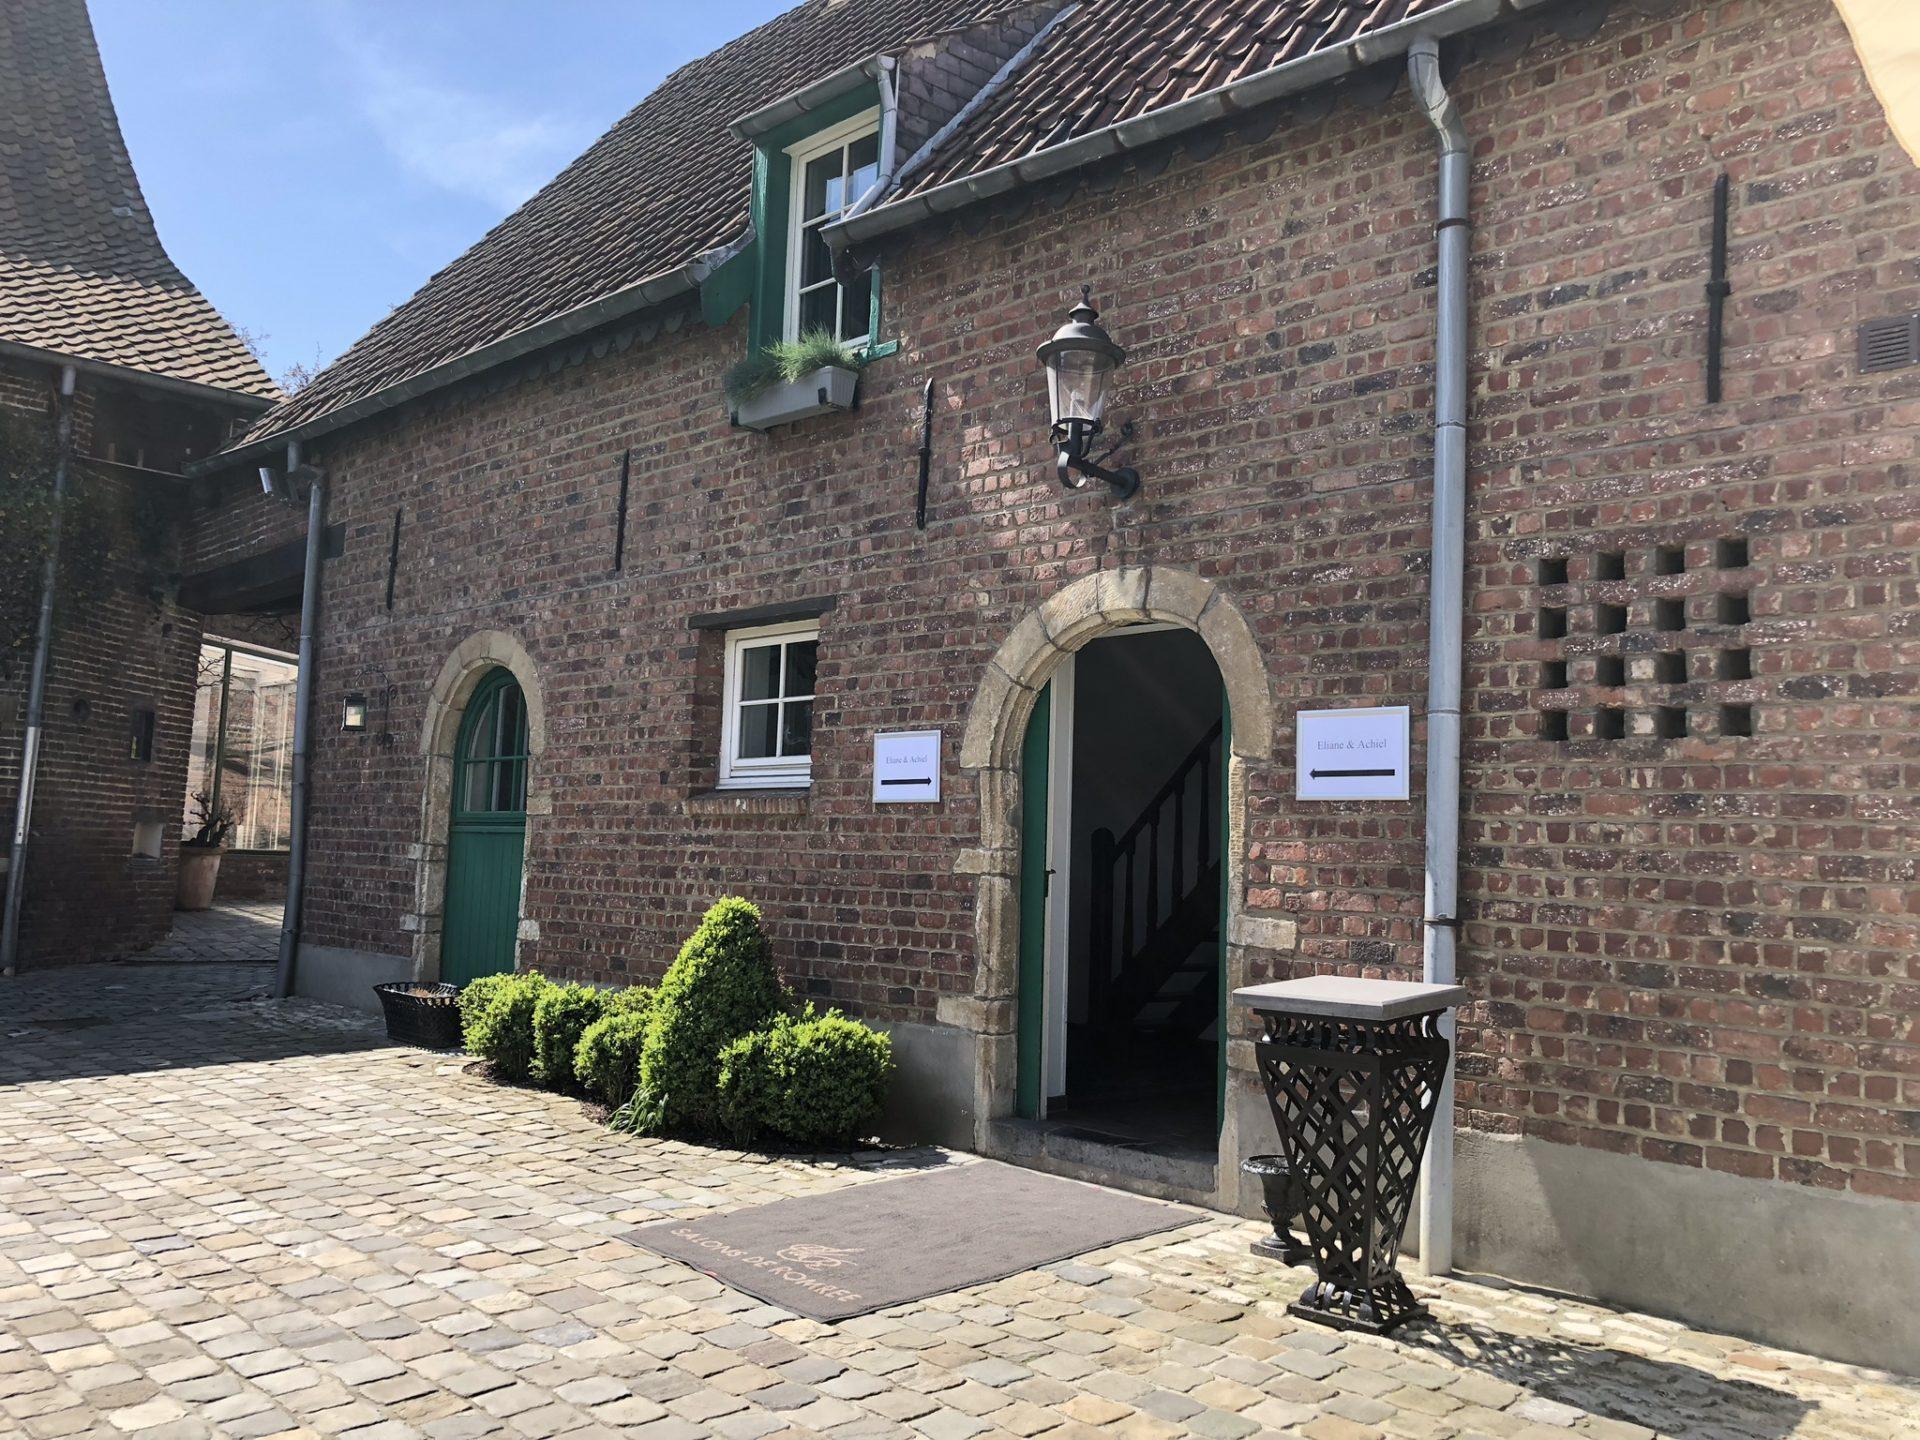 La maison du portier - Salons de Romree